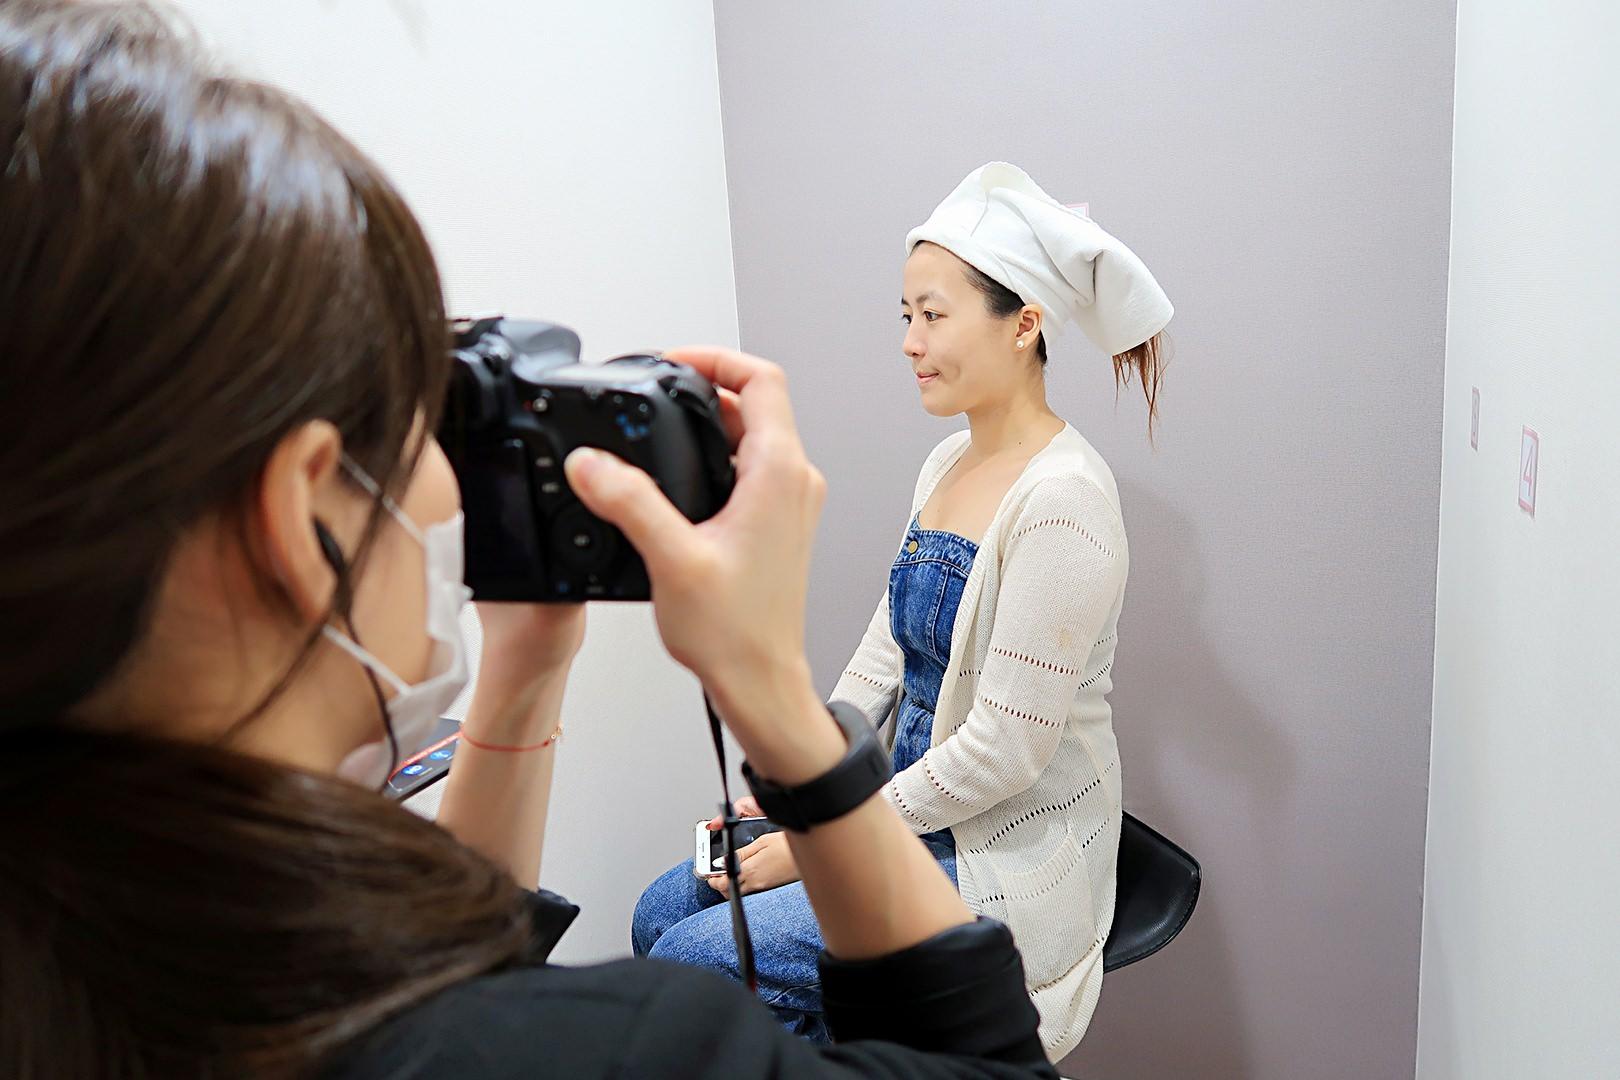 超美!英倫奢華風的醫美診所在新竹聖宜診所,Picocare皮秒雷射黃金網格體驗心得分享